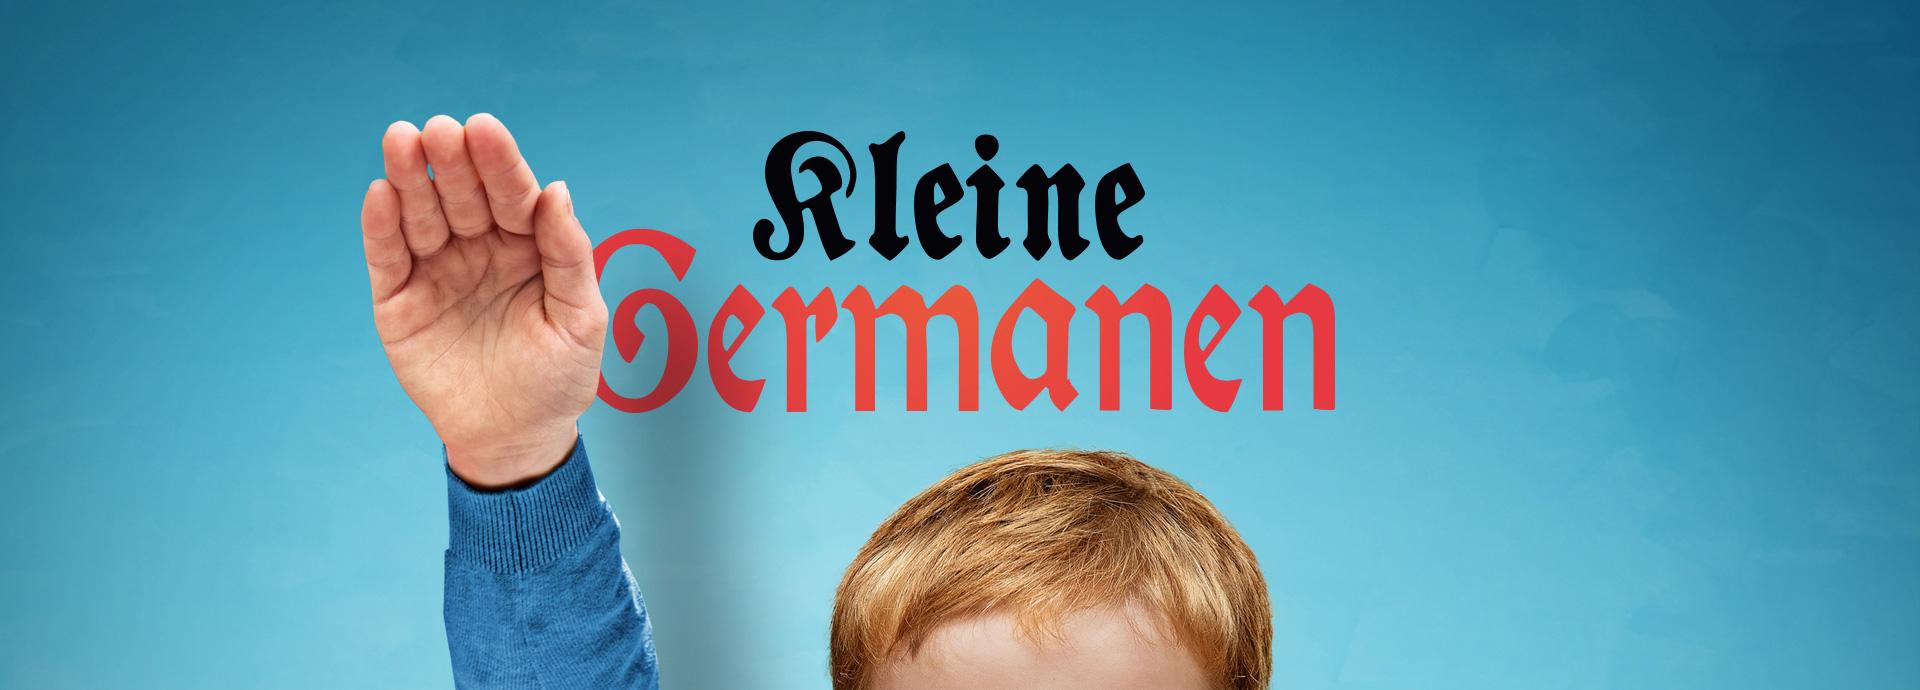 KleineGermannen-WEB0